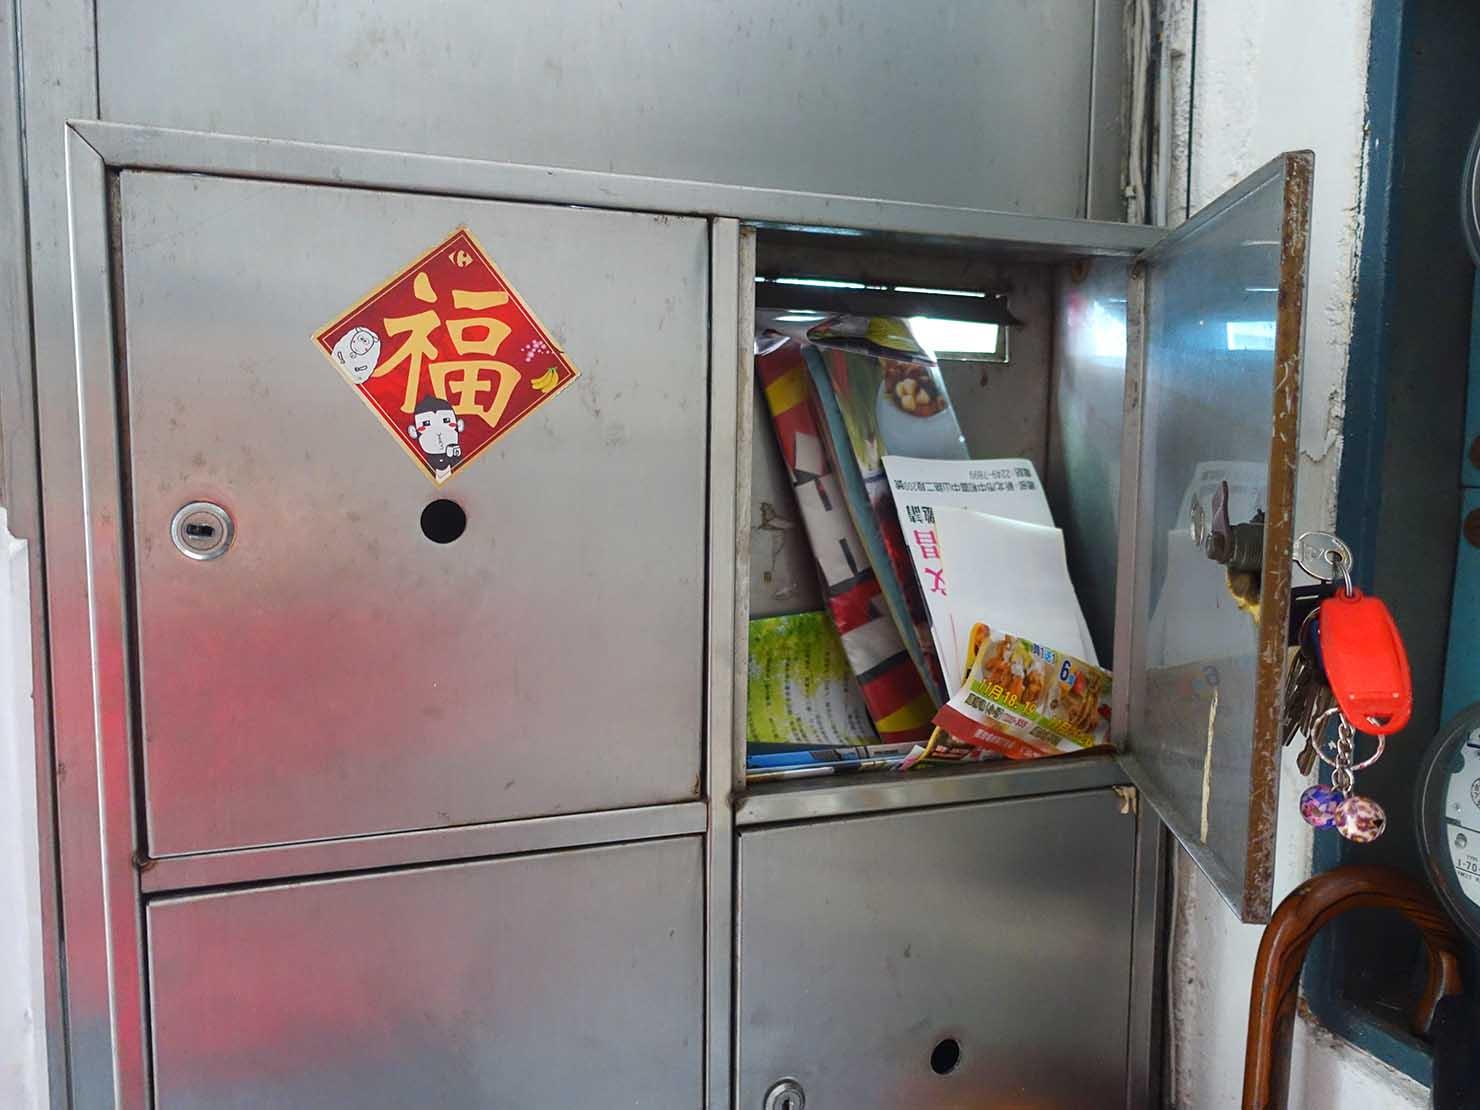 台湾の一般的な住宅「公寓」のポスト